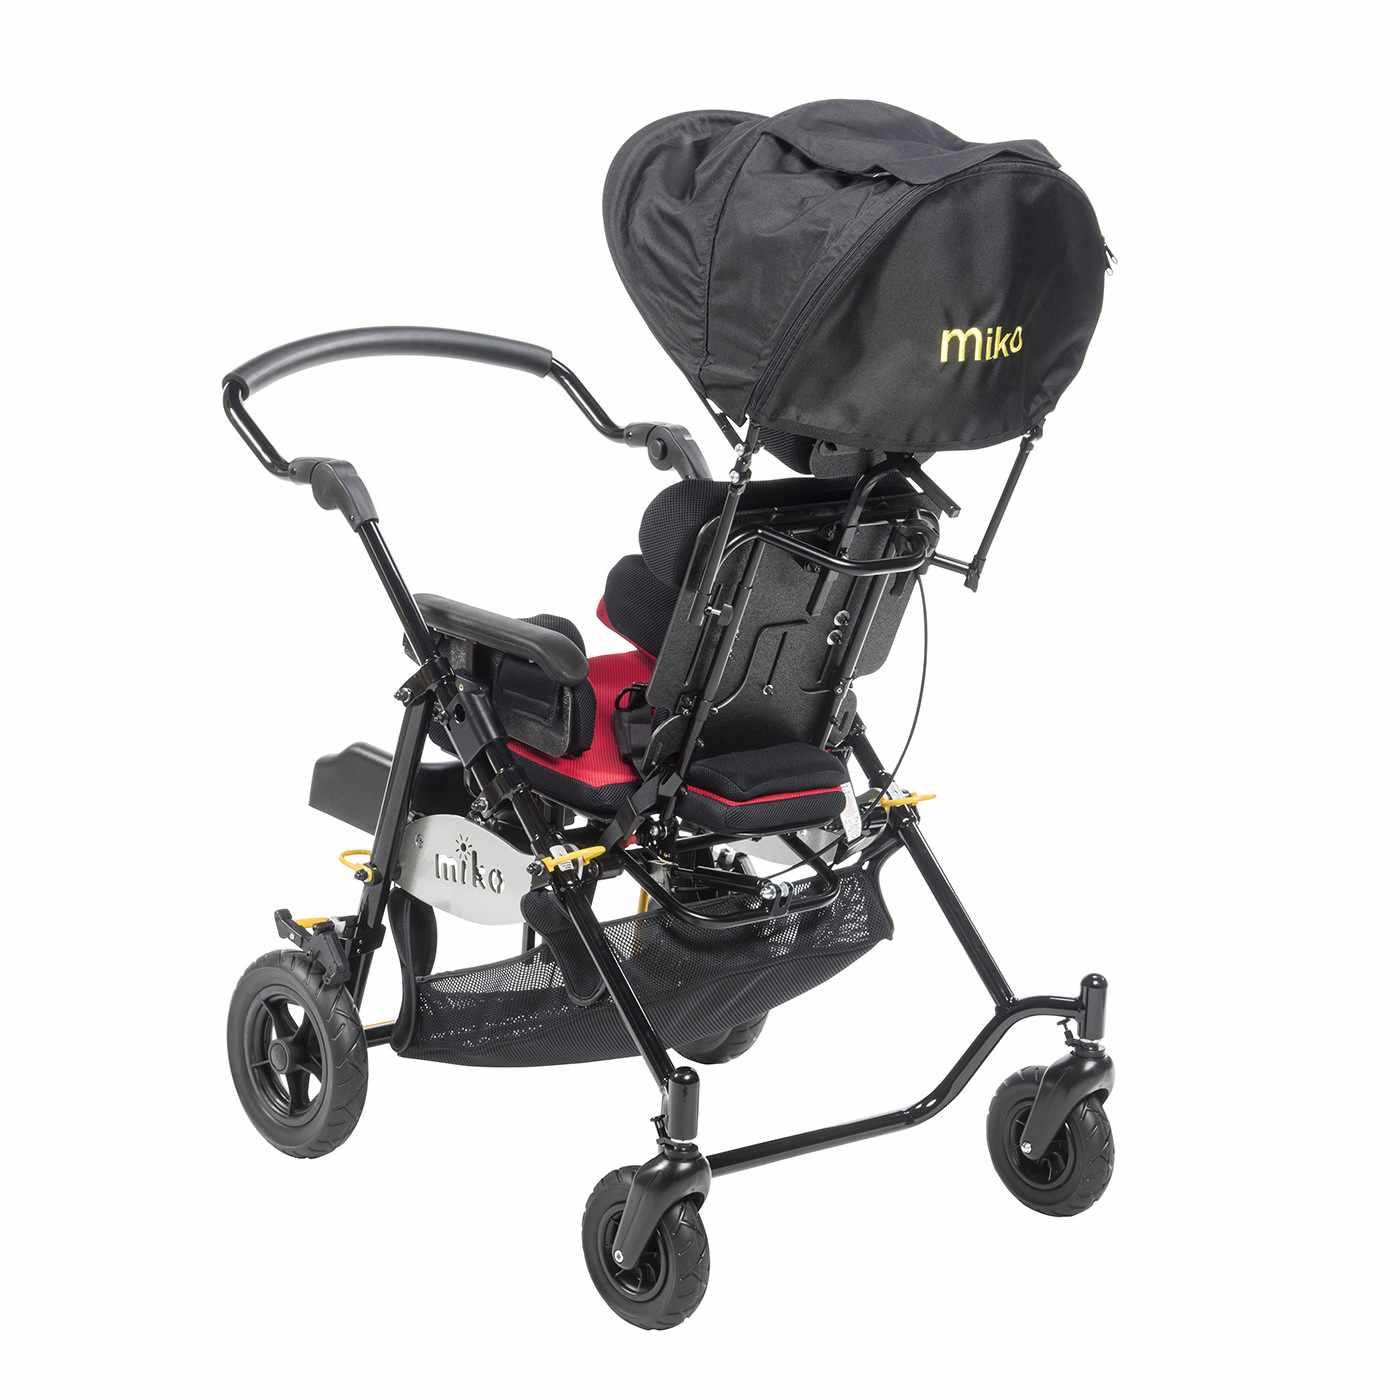 Miko tilt mobility stroller folded